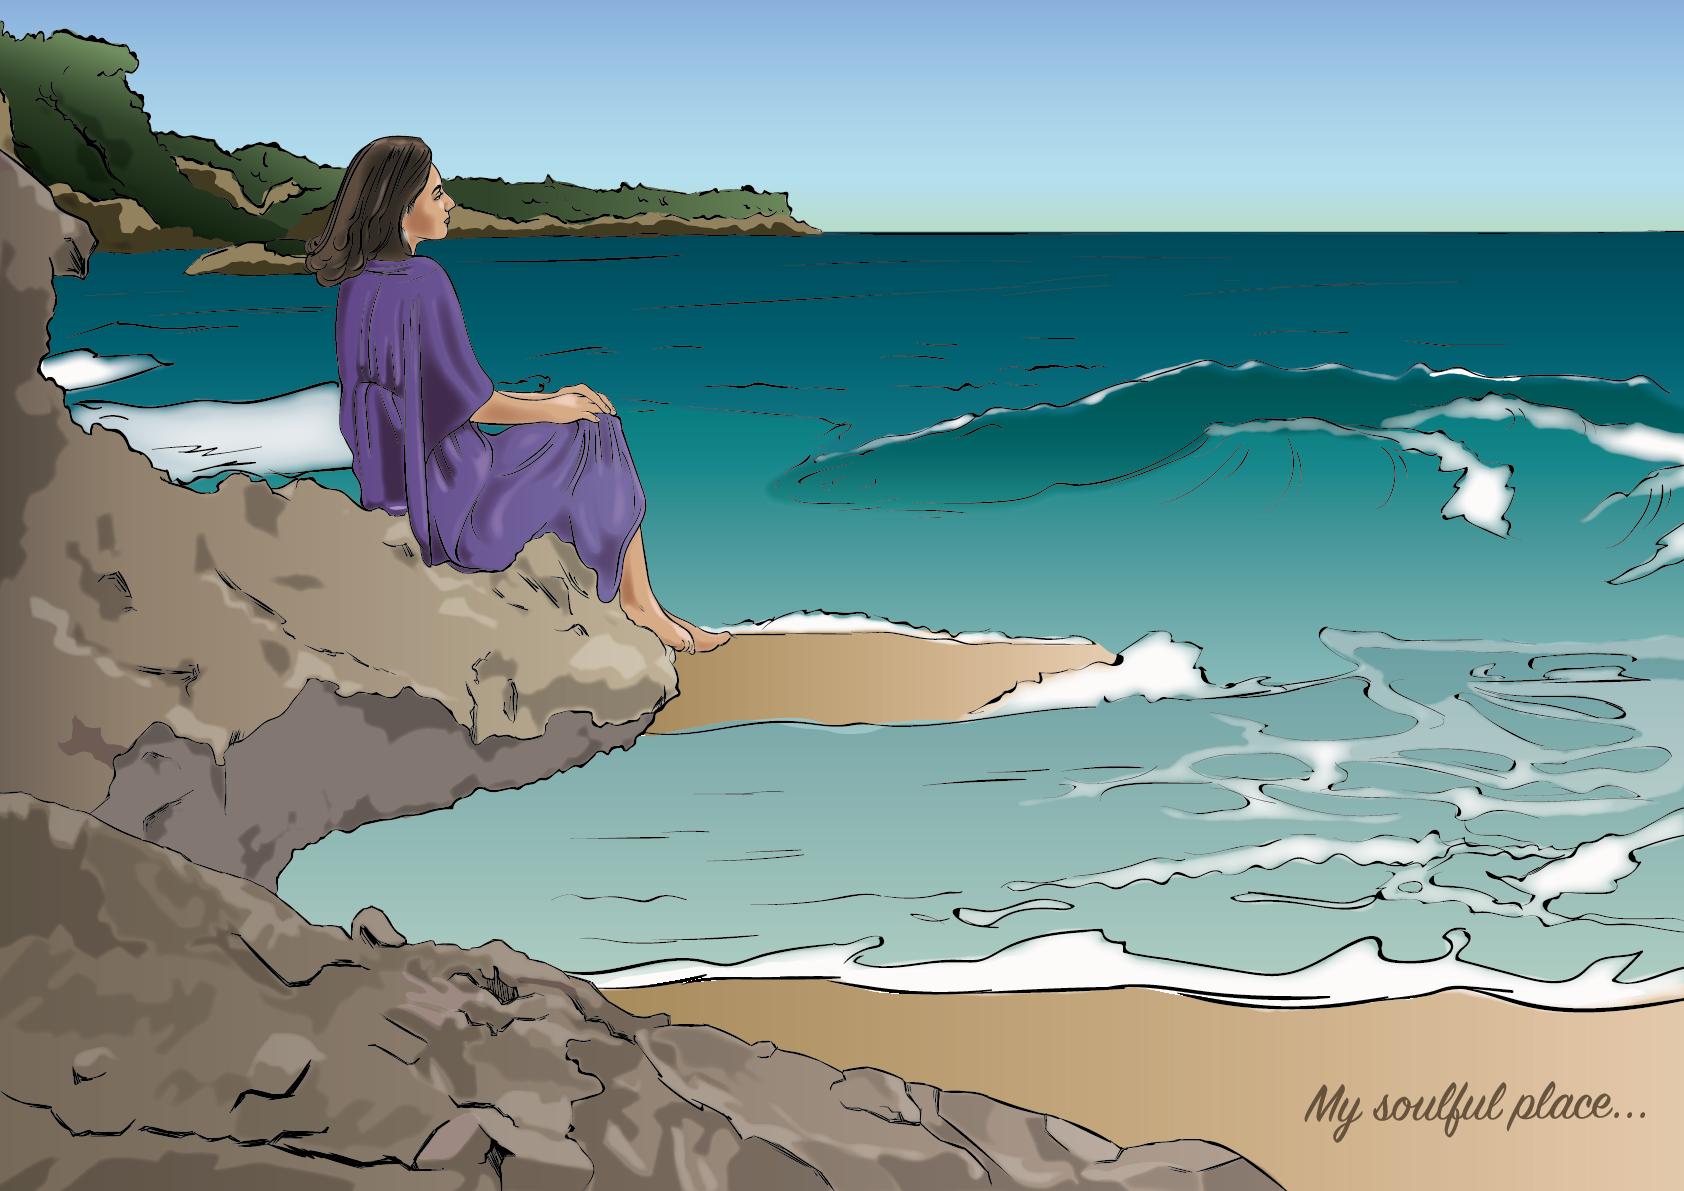 imkan 4 atsea on the rocks2_2x